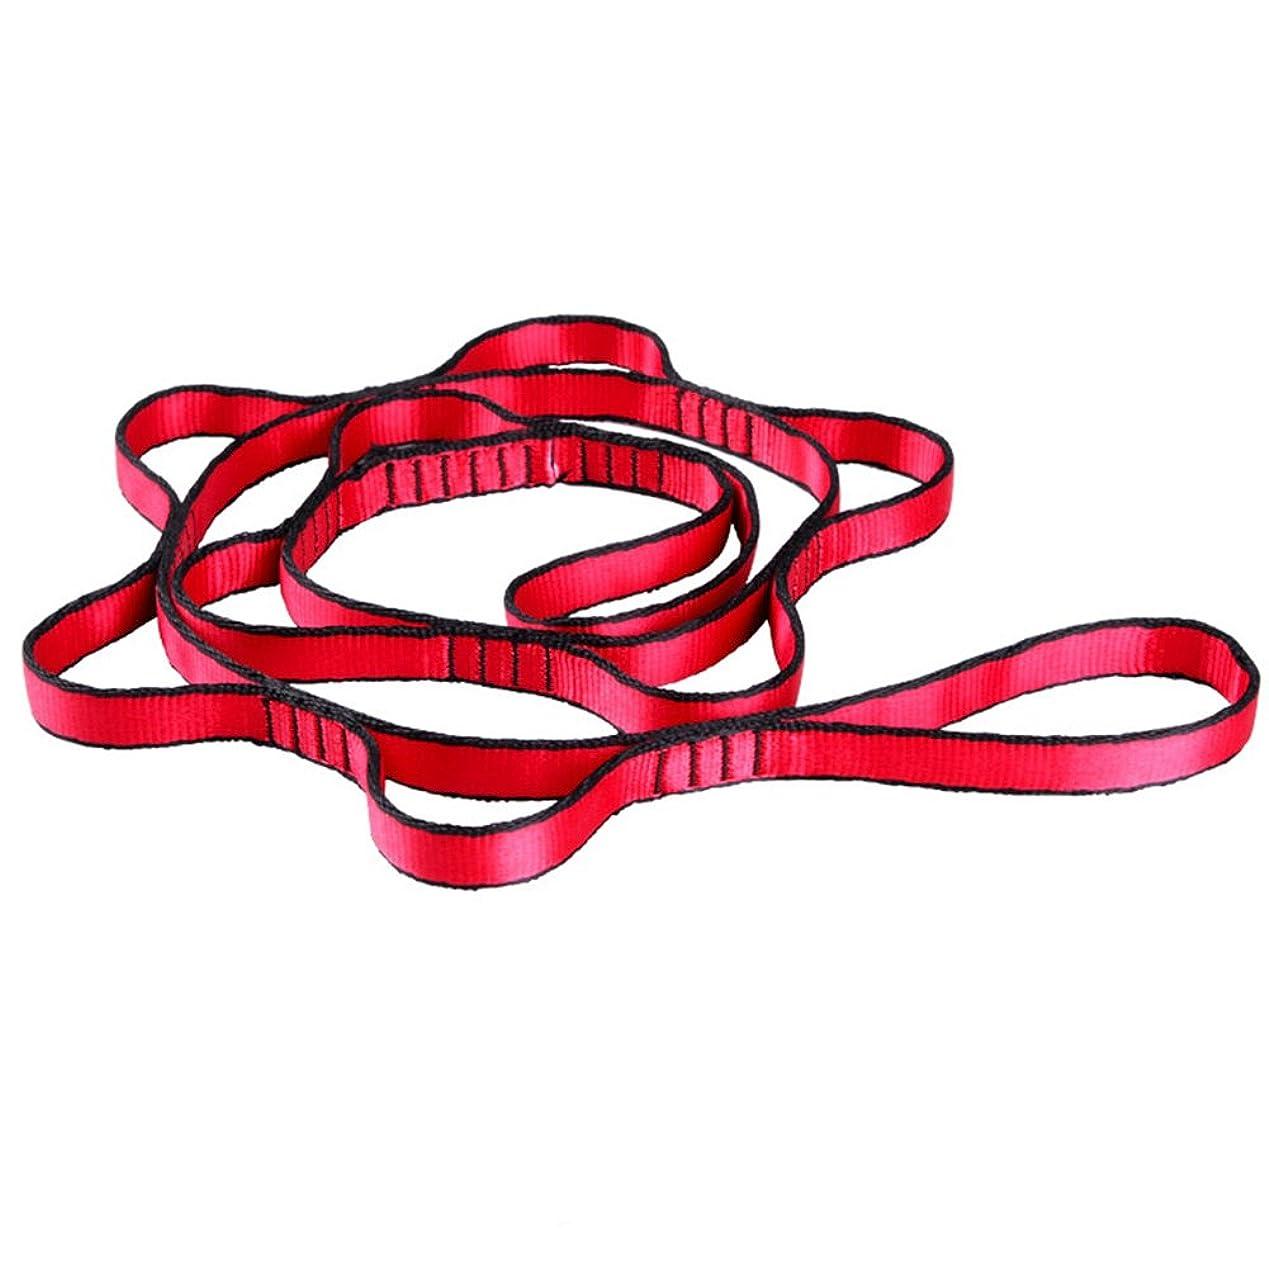 貧しいモチーフ正義クライミングロープ空中ヨガピラティス15KNハンモッククライミング緊急用ロープ耐摩耗性リボン7リング吊りロープ屋外クライミング索具(1.1m赤)